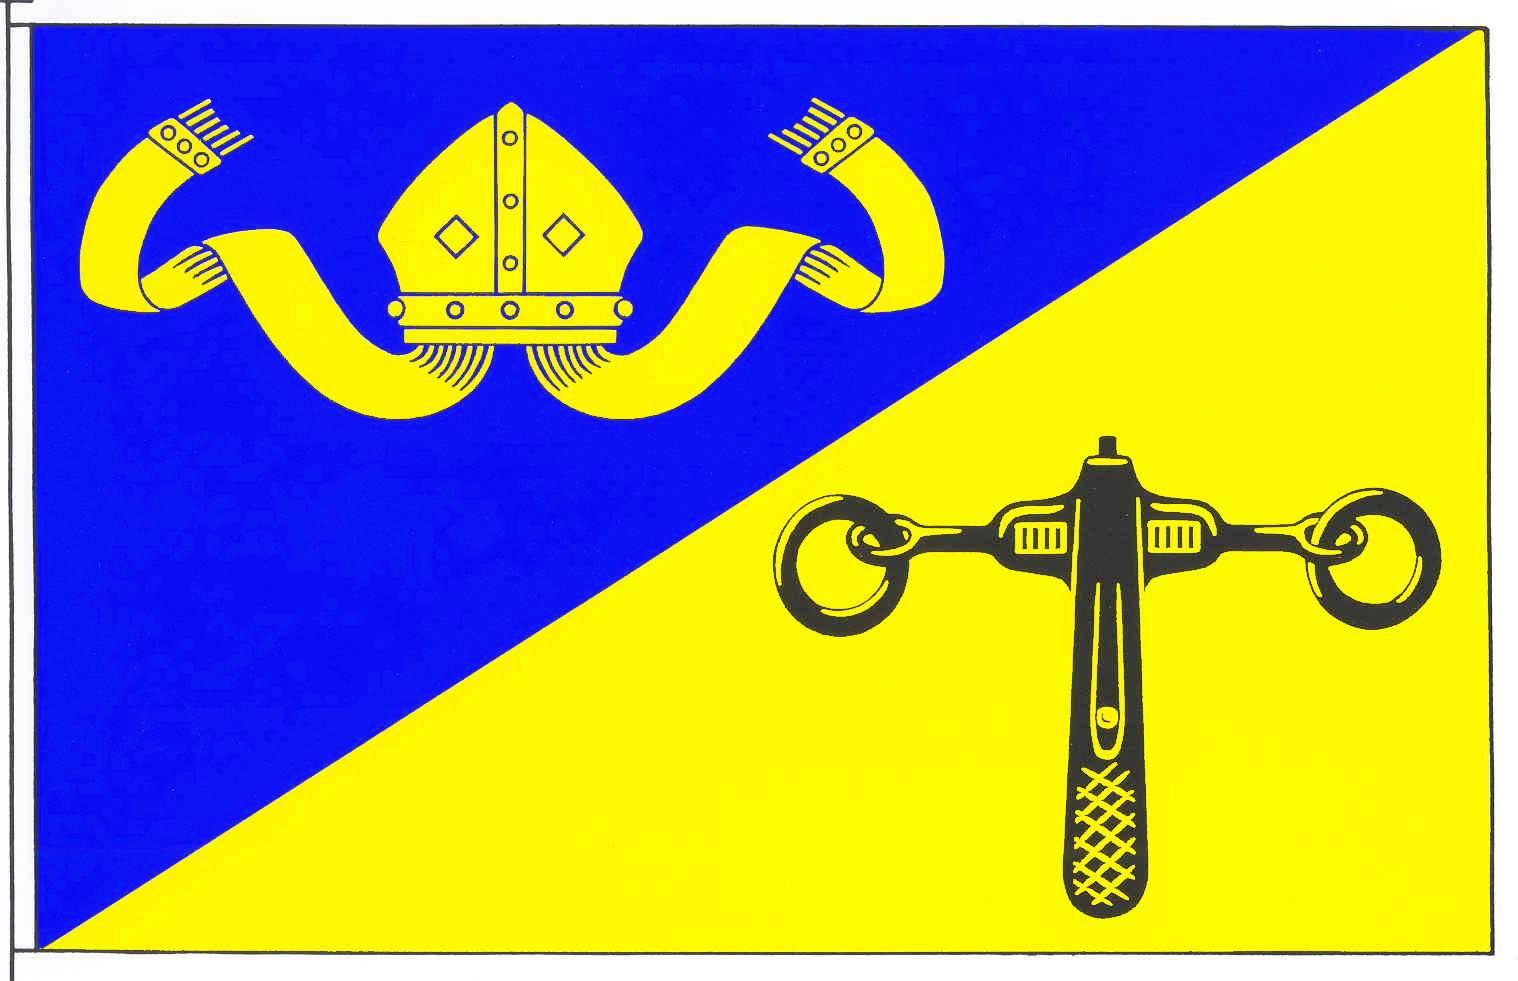 Flagge GemeindeRieseby, Kreis Rendsburg-Eckernförde